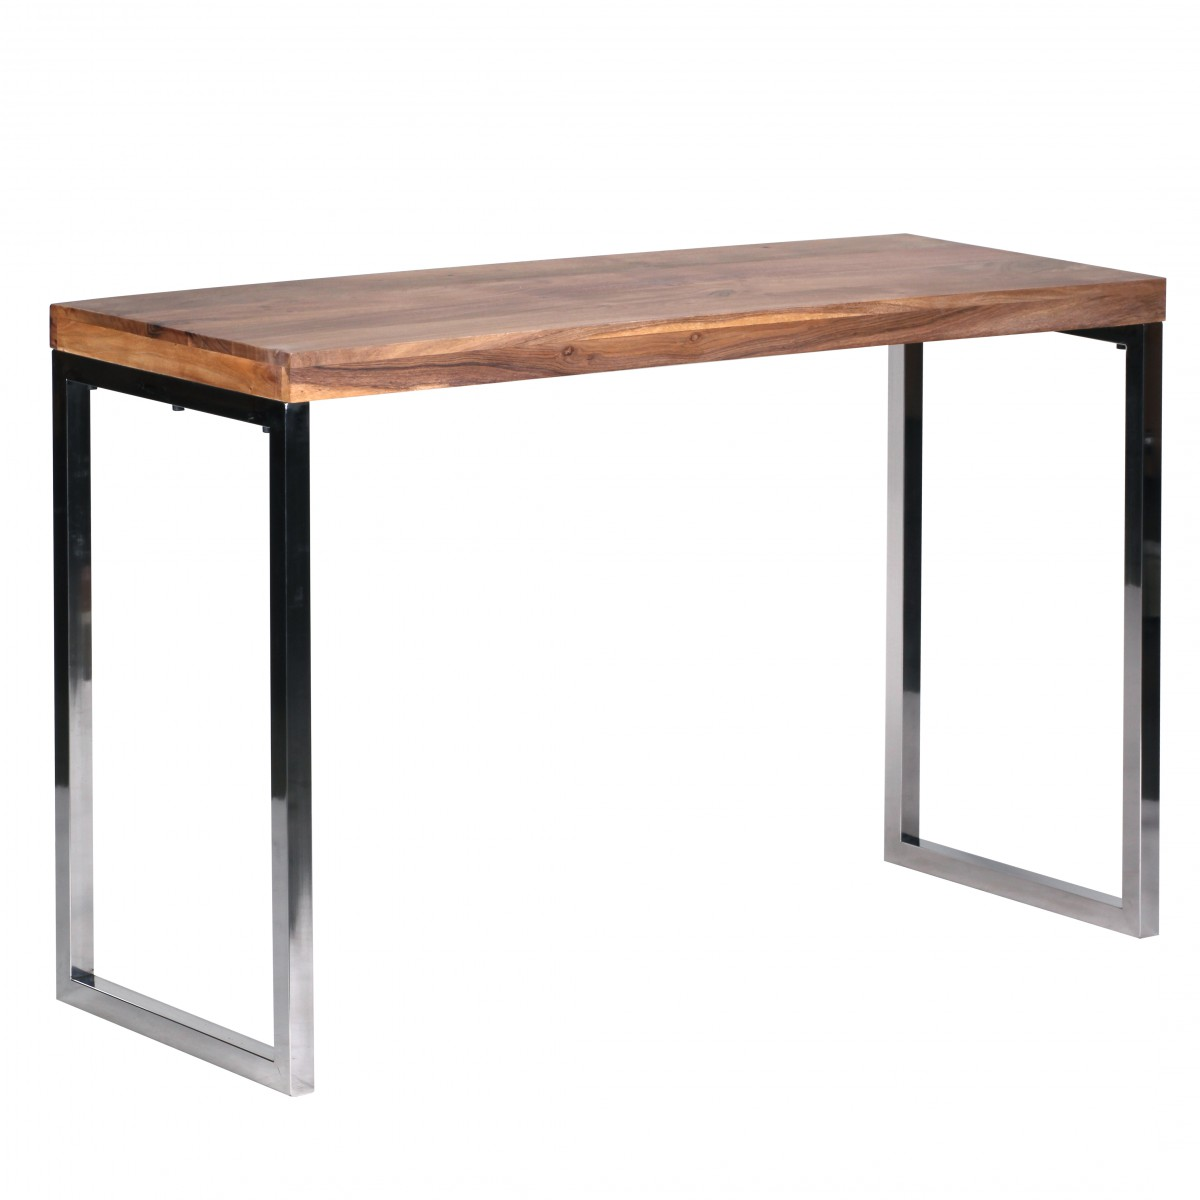 wohnling massivholz konsolentisch 120x45cm schminktisch computertisch akazie ebay. Black Bedroom Furniture Sets. Home Design Ideas